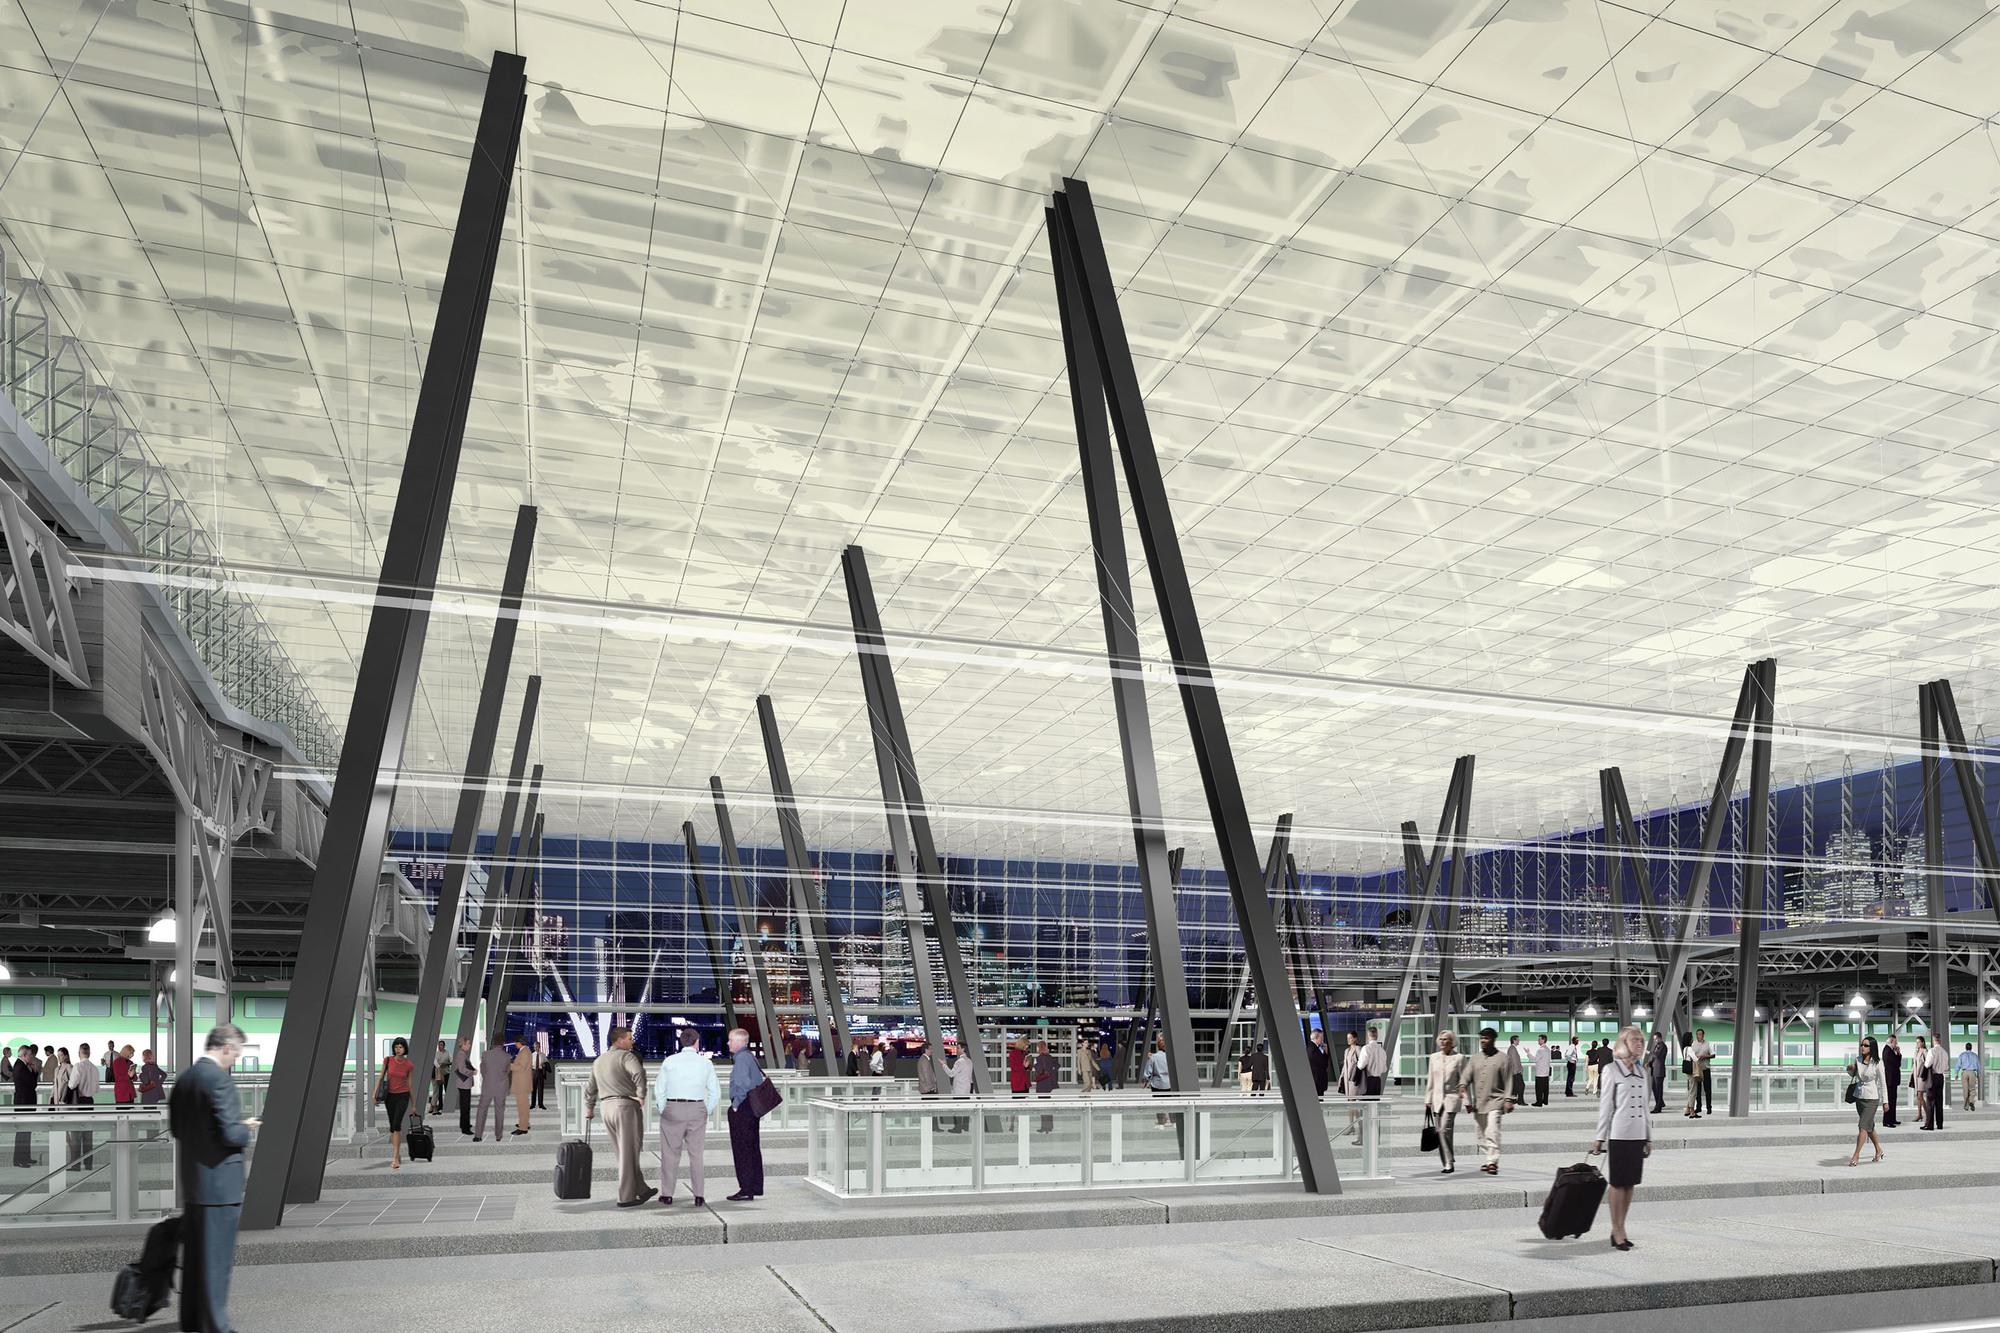 513b7291b3fc4babaa000028_toronto-union-station-go-transit-roof-proposal-zeidler-partnership-architects_